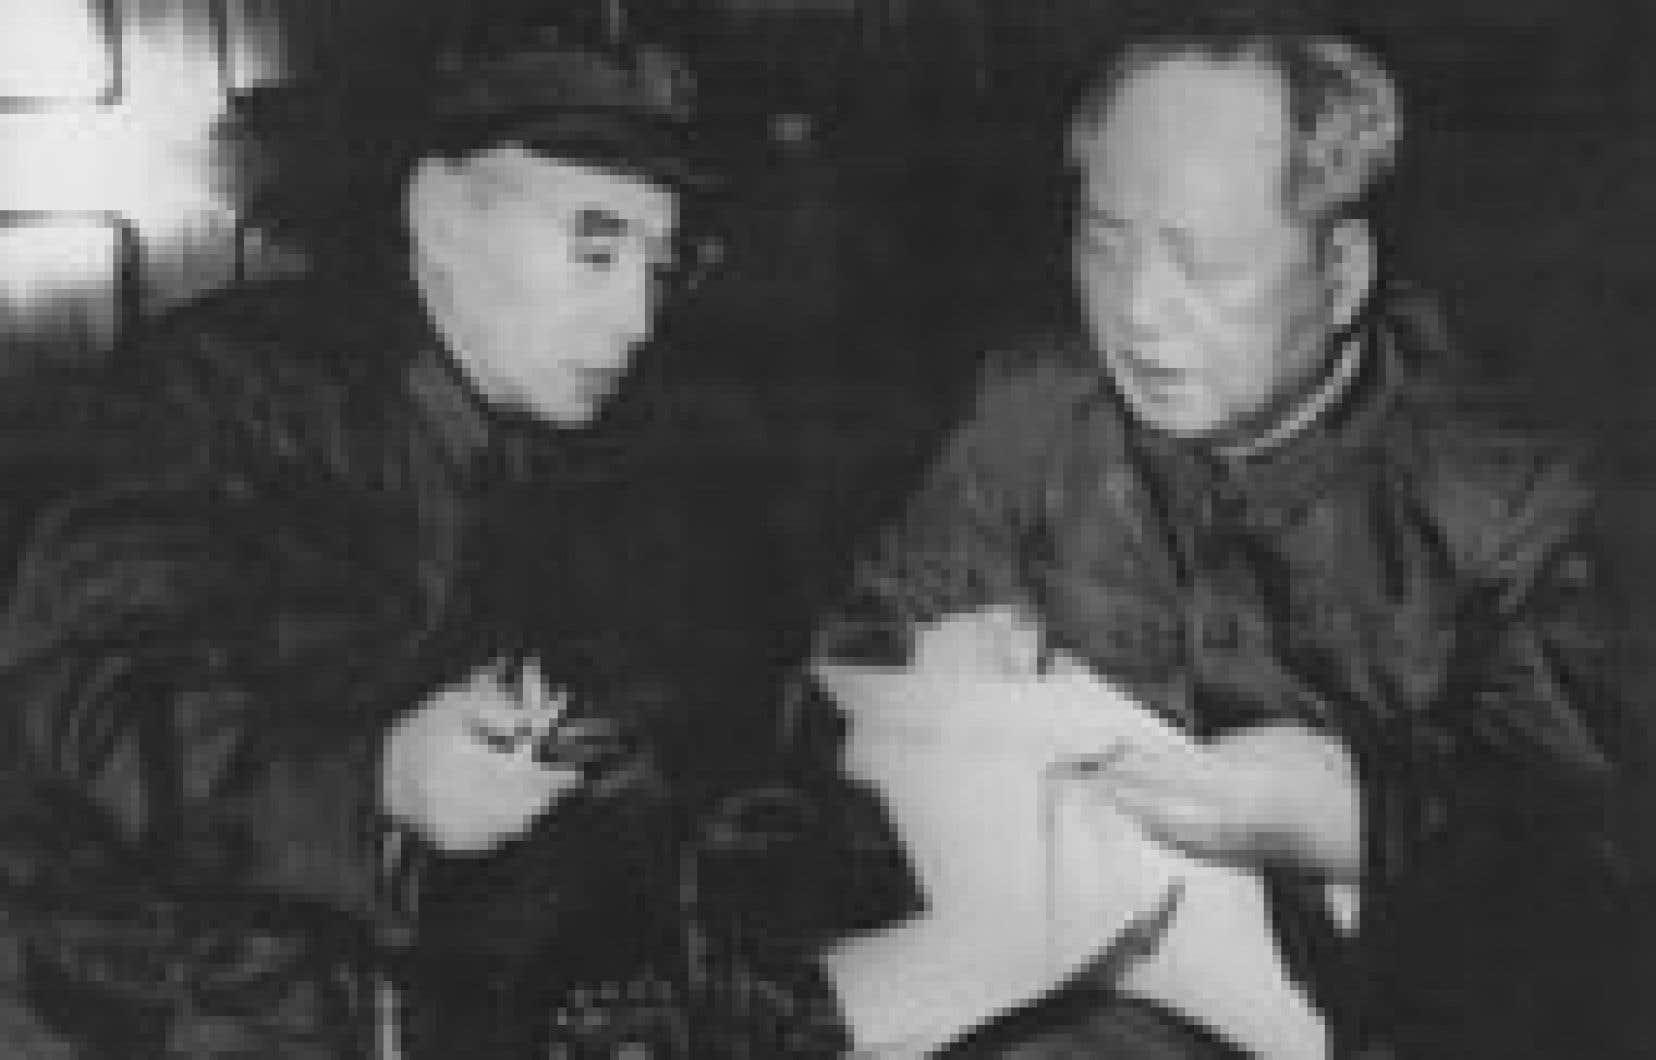 Mao Zedong et son ministre de la Défense, Lin Biao, peu après le déclenchement de la révolution culturelle, en septembre 1966. Ce dernier devait trouver la mort en 1971 dans un «accident» d'avion après la découverte d'un complot pour renverse